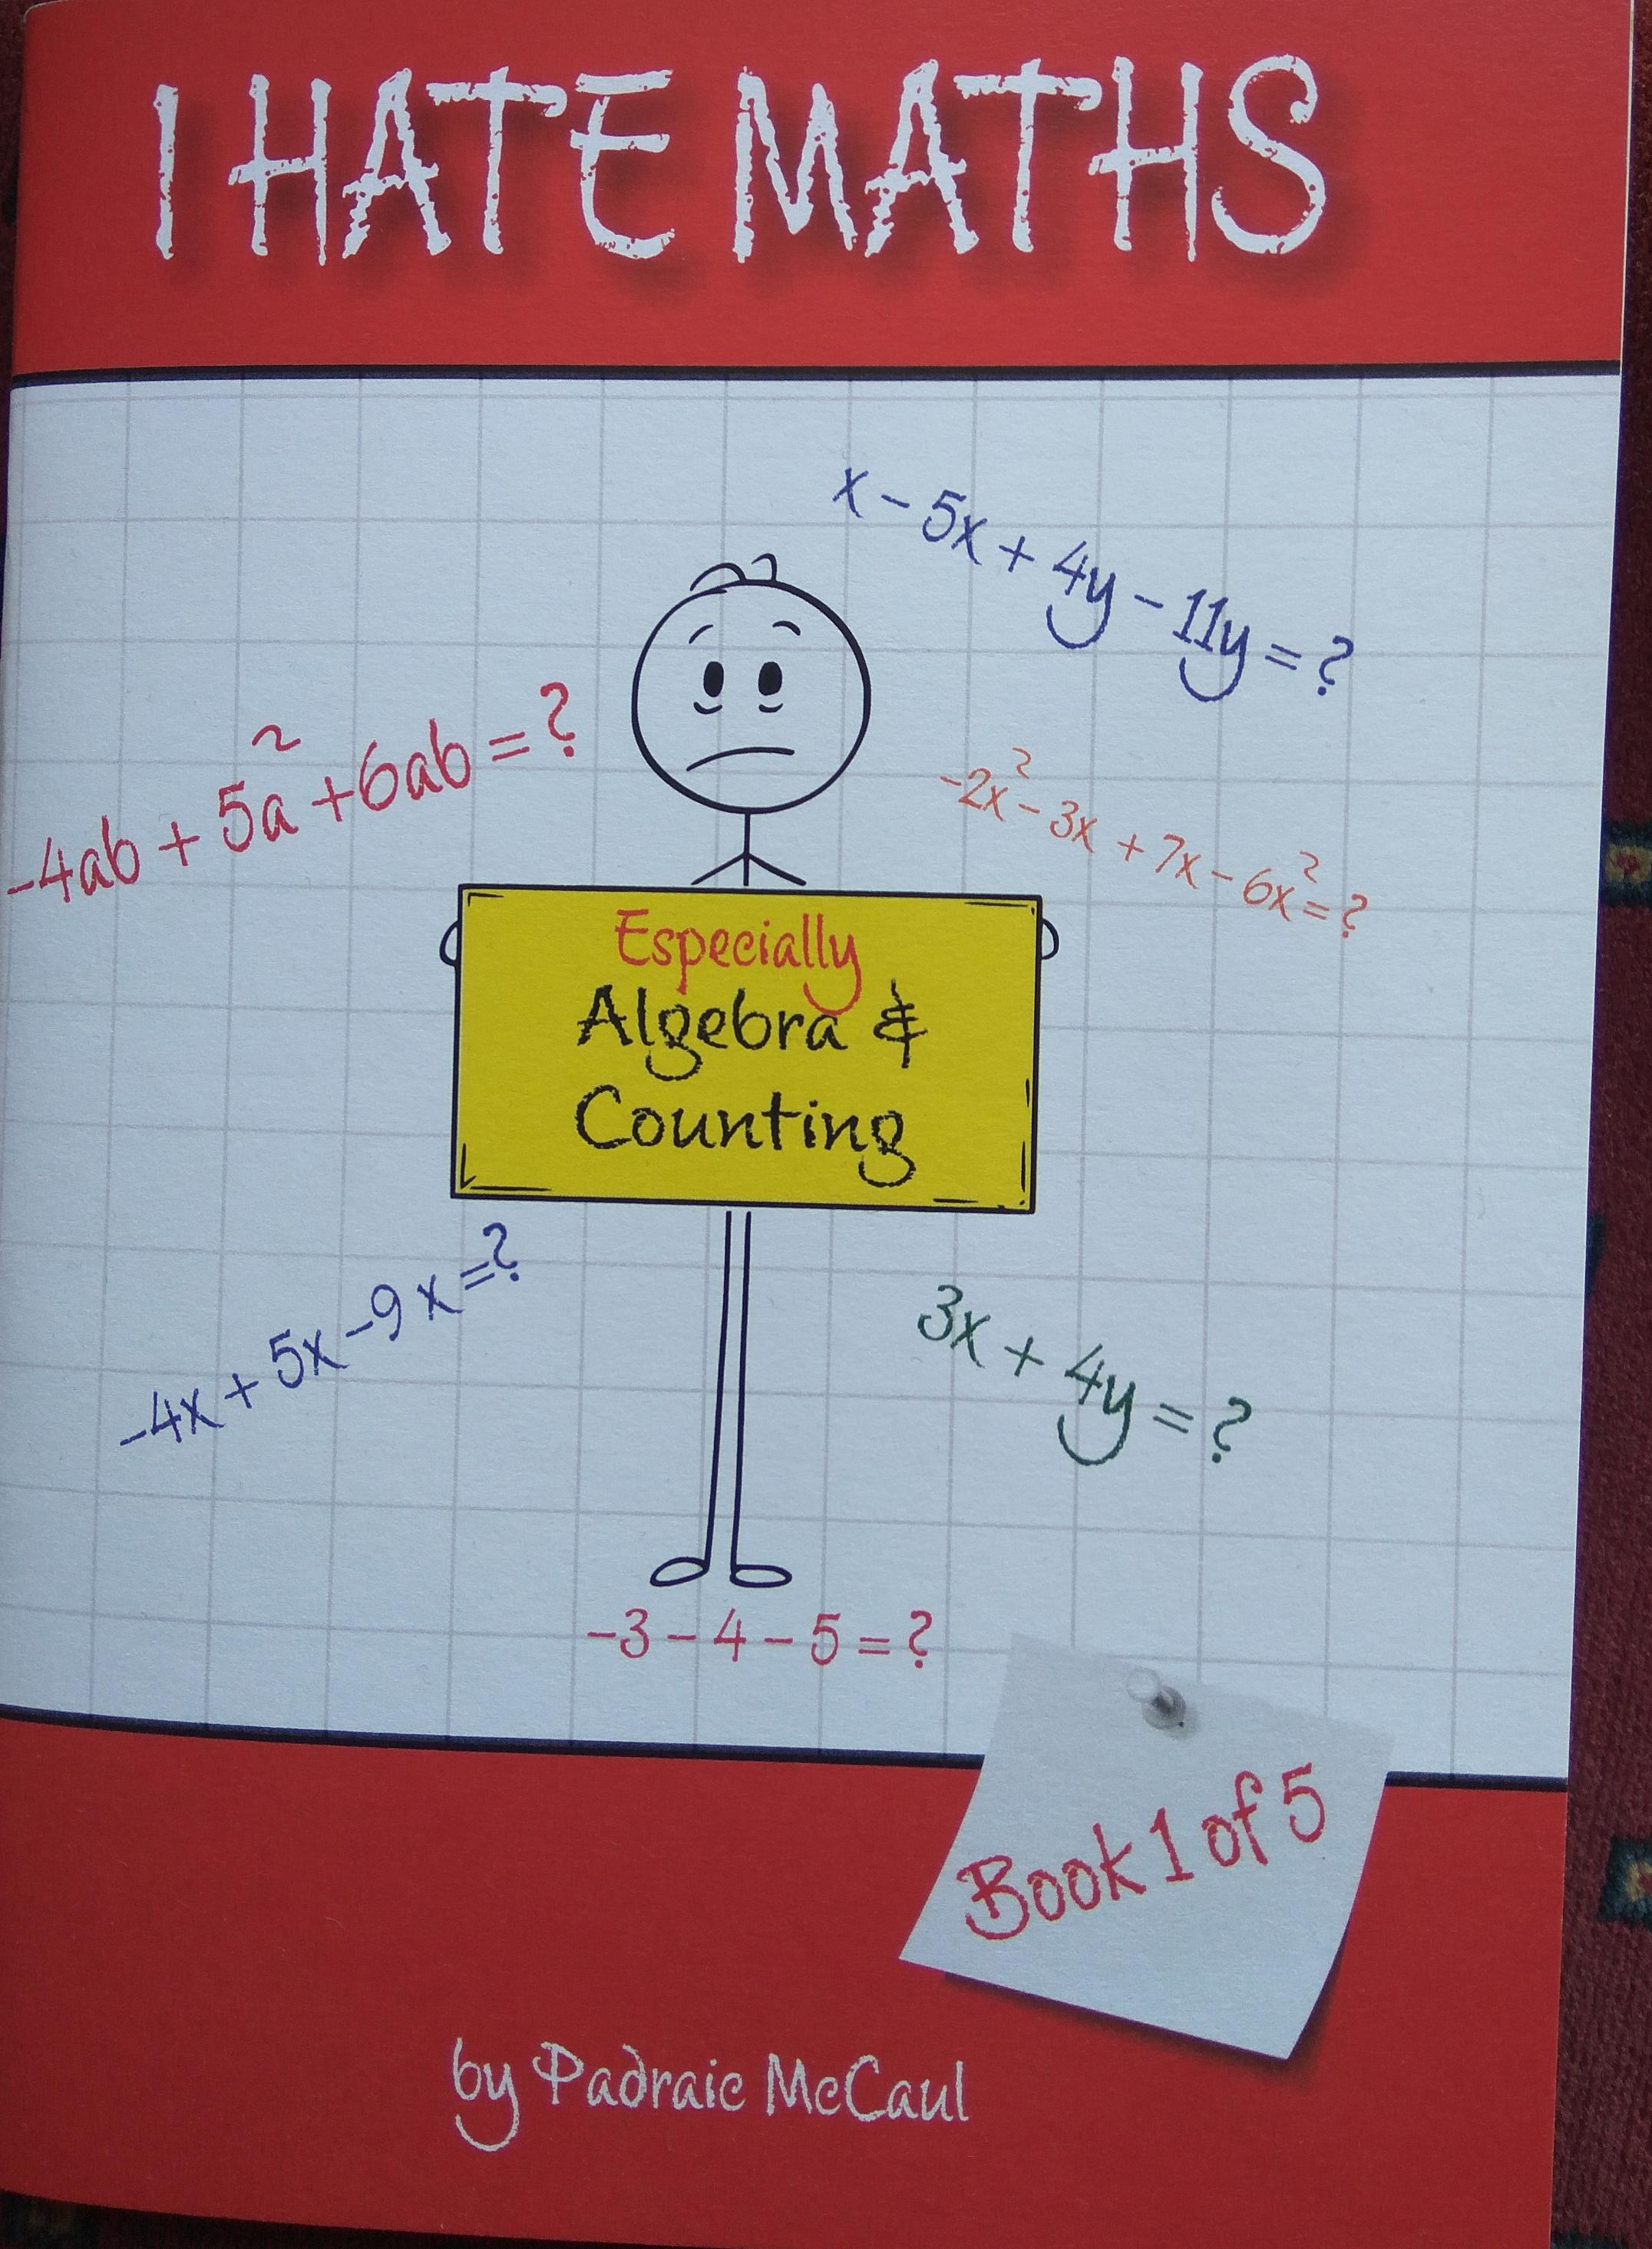 I Hate Maths Algebra Counting | Monaghan Books I Hate Math Book